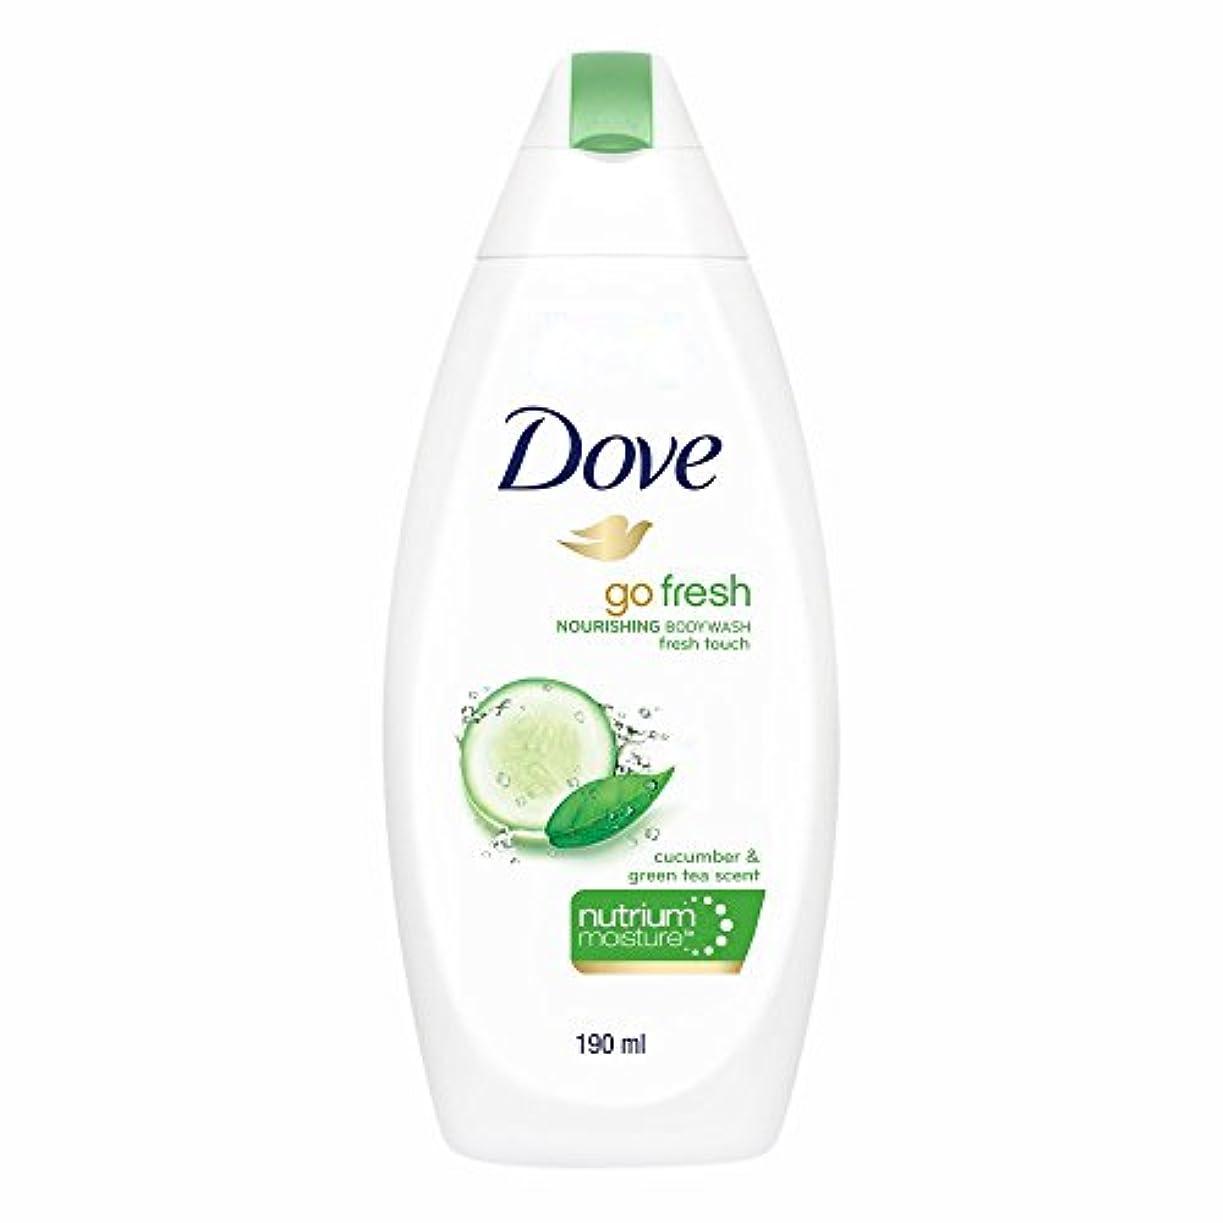 トリプルプロフィール新年Dove Go Fresh Nourishing Refreshing Cucumber And Green Tea Body Wash, 190ml